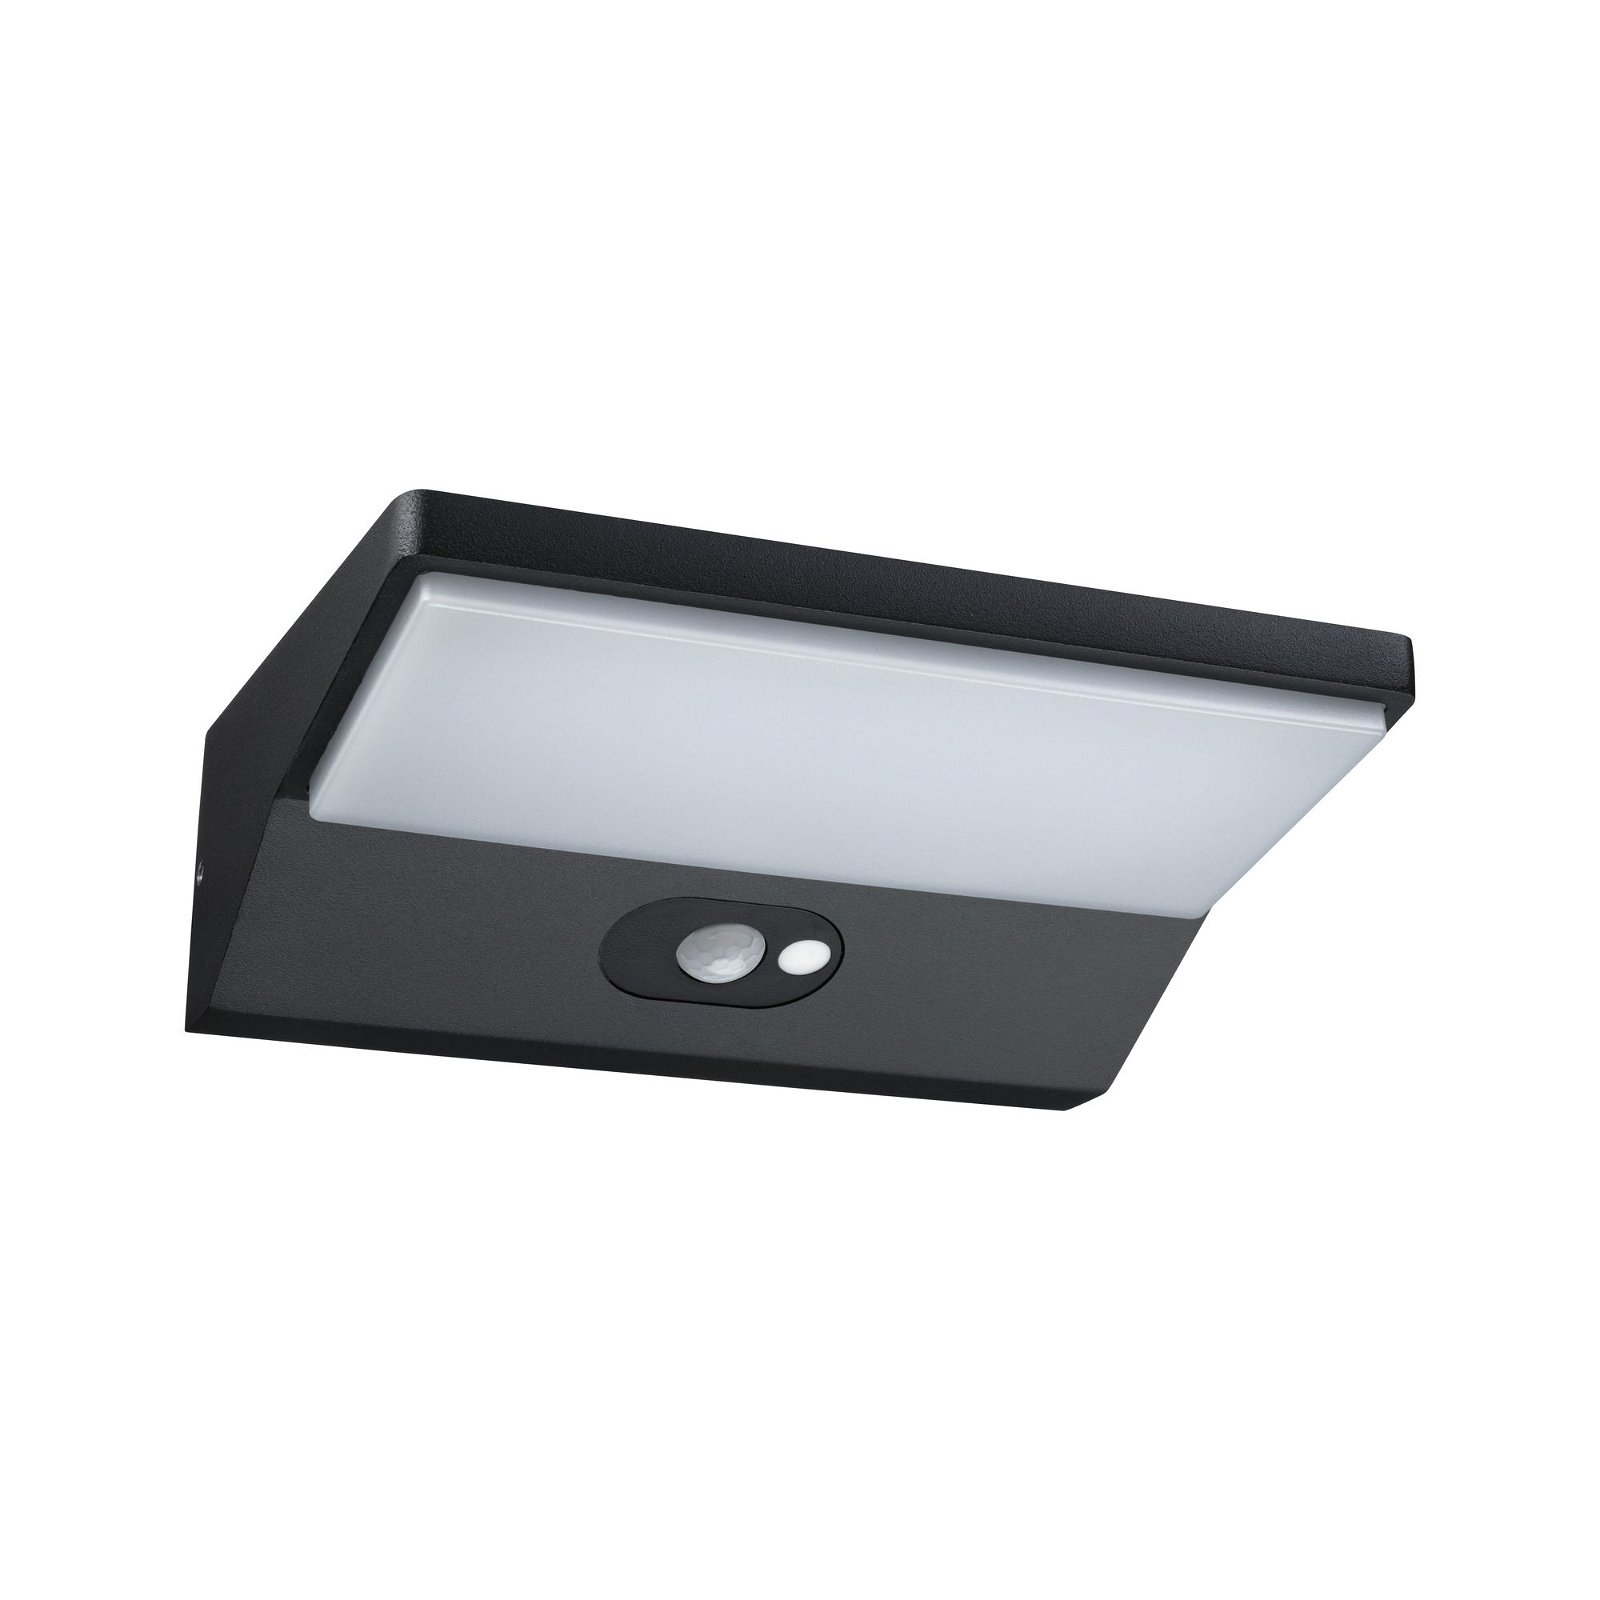 Solar LED Außenwandleuchte Ronas Bewegungsmelder IP44 3000K 310lm Dunkelgrau